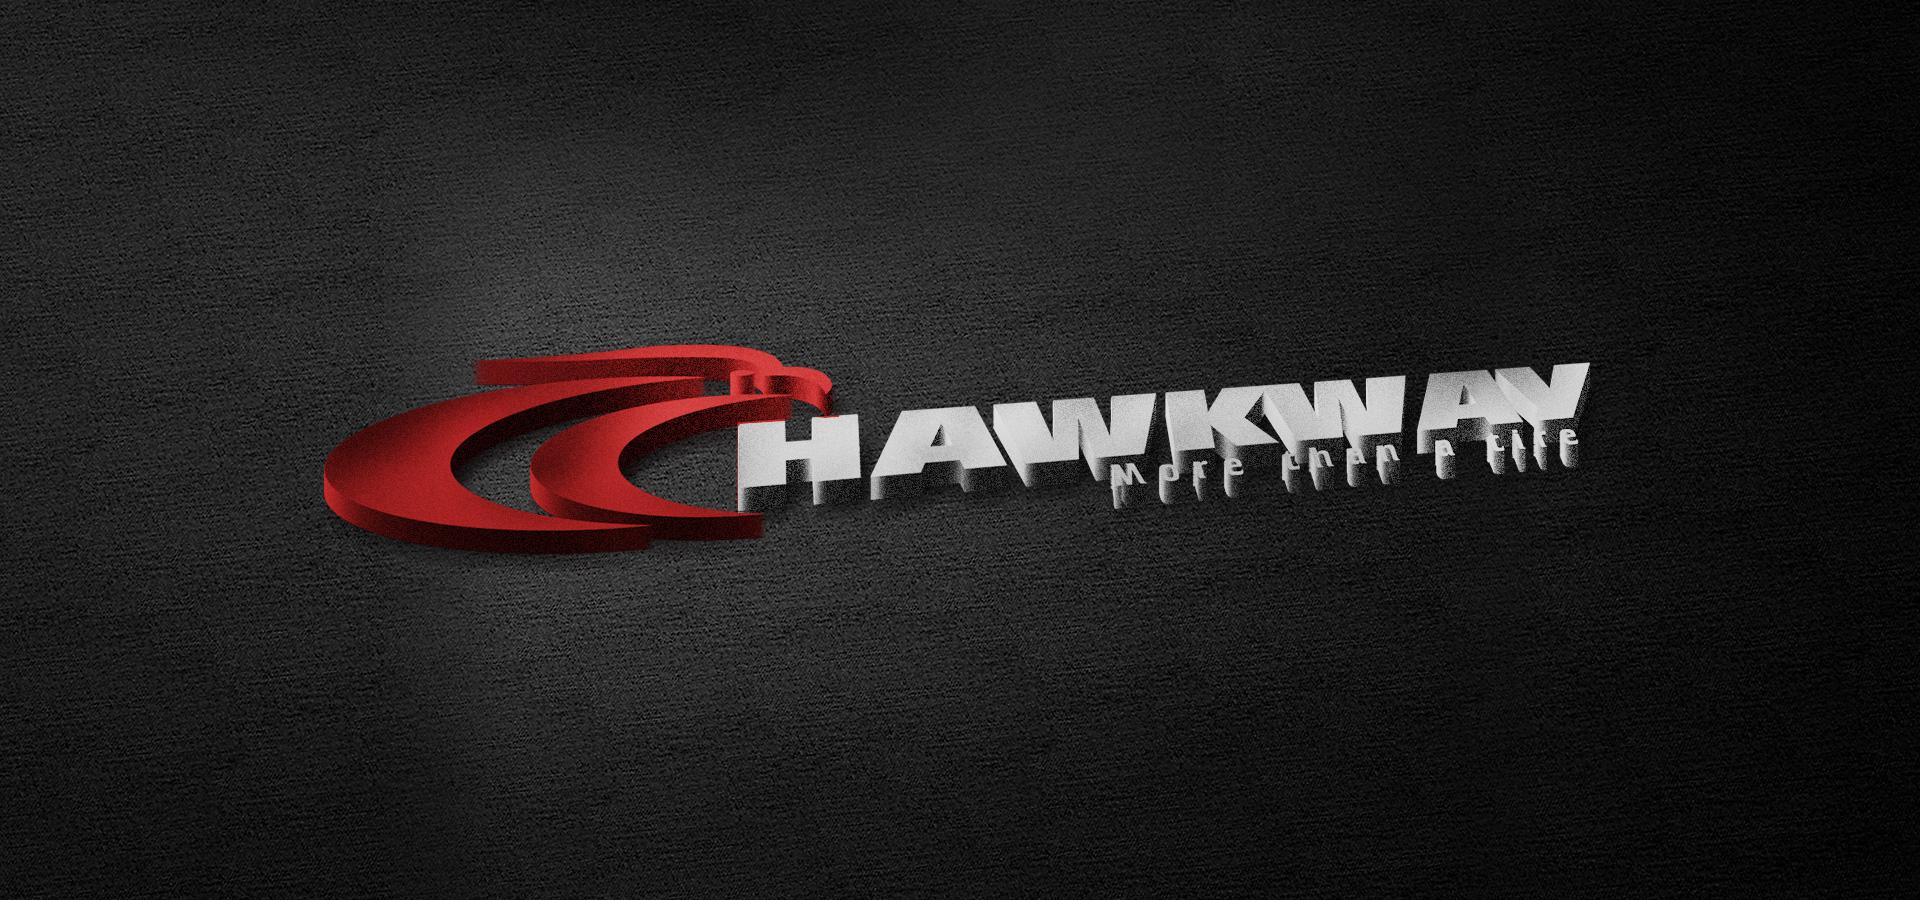 Hawkway tyre since 1975